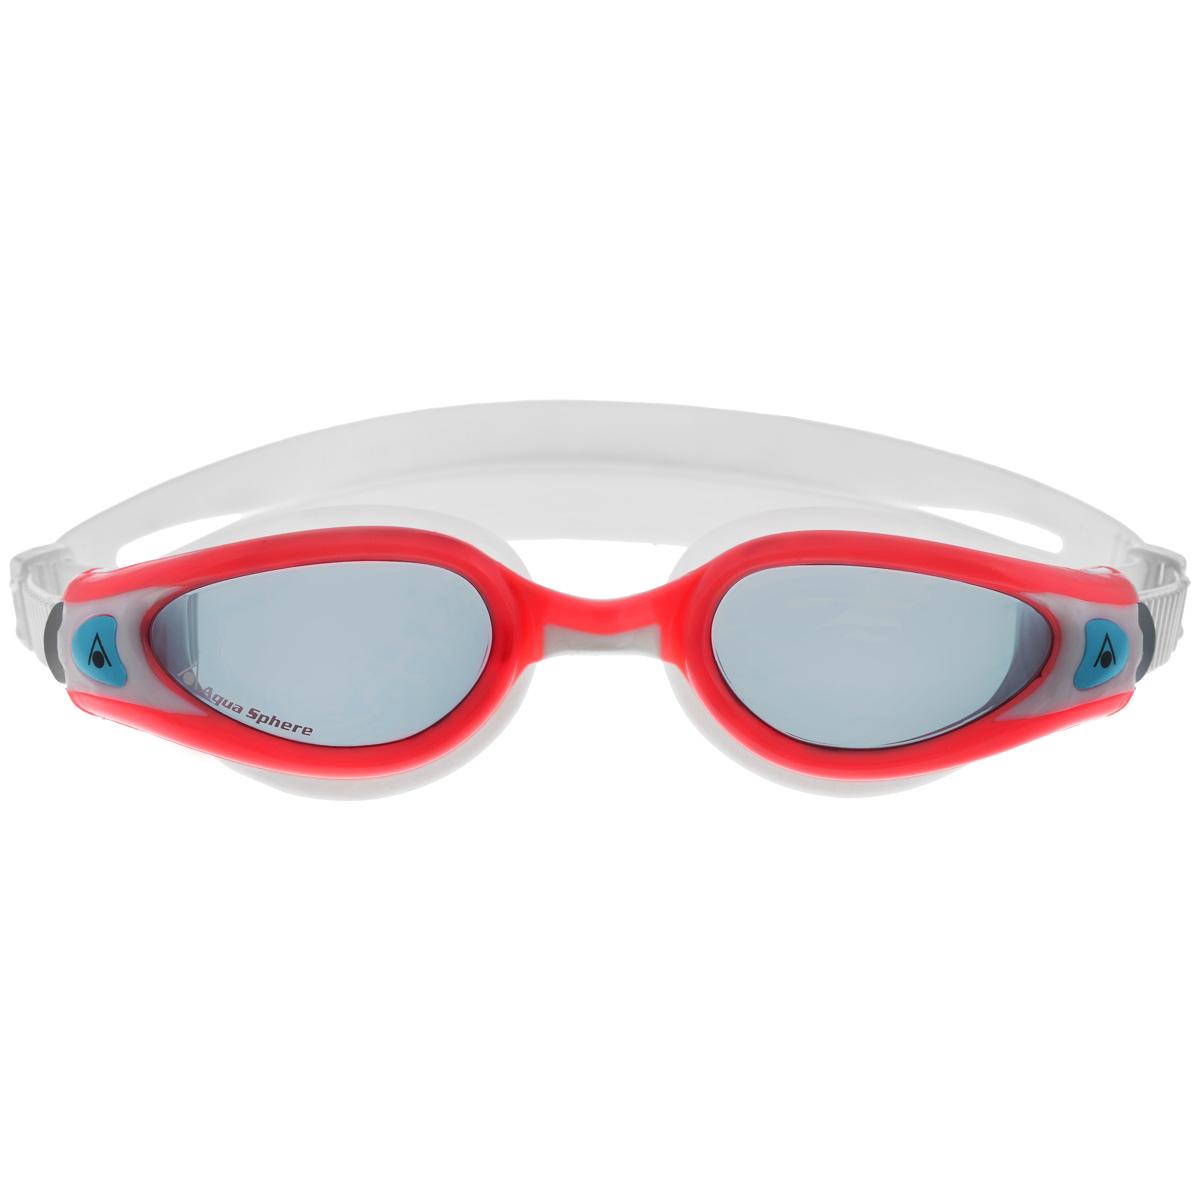 Очки для плавания Aqua Sphere Kaiman Exo Lady, цвет: белый, розовыйTN 175720Модные и стильные очки Kaiman Exo Lady идеально подходят для плавания в бассейне или открытой воде. Особая технология изогнутых линз позволяет обеспечить превосходный обзор в 180°, не искажая при этом изображение. Очки дают 100% защиту от ультрафиолетового излучения. Специальное покрытие препятствует запотеванию стекол. Новая технология каркаса EXO-core bi-material обеспечивает максимальную стабильность и комфорт. Материал: софтерил, plexisol.